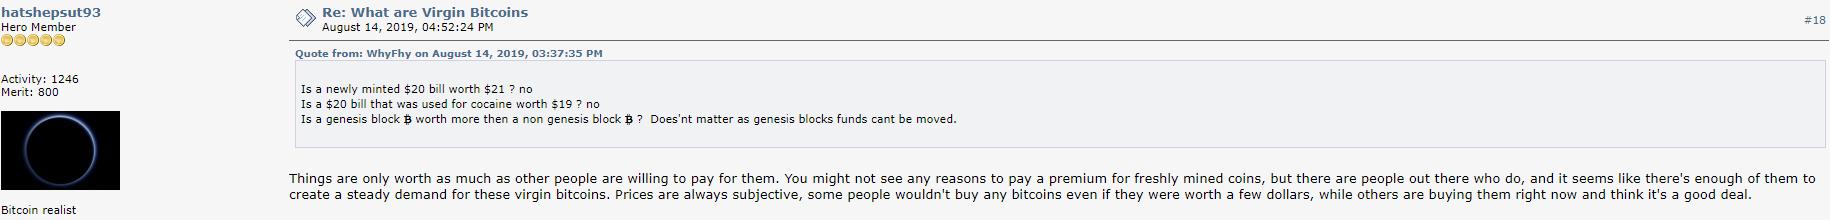 Почему «девственные» биткоины оцениваются гораздо дороже обычных?